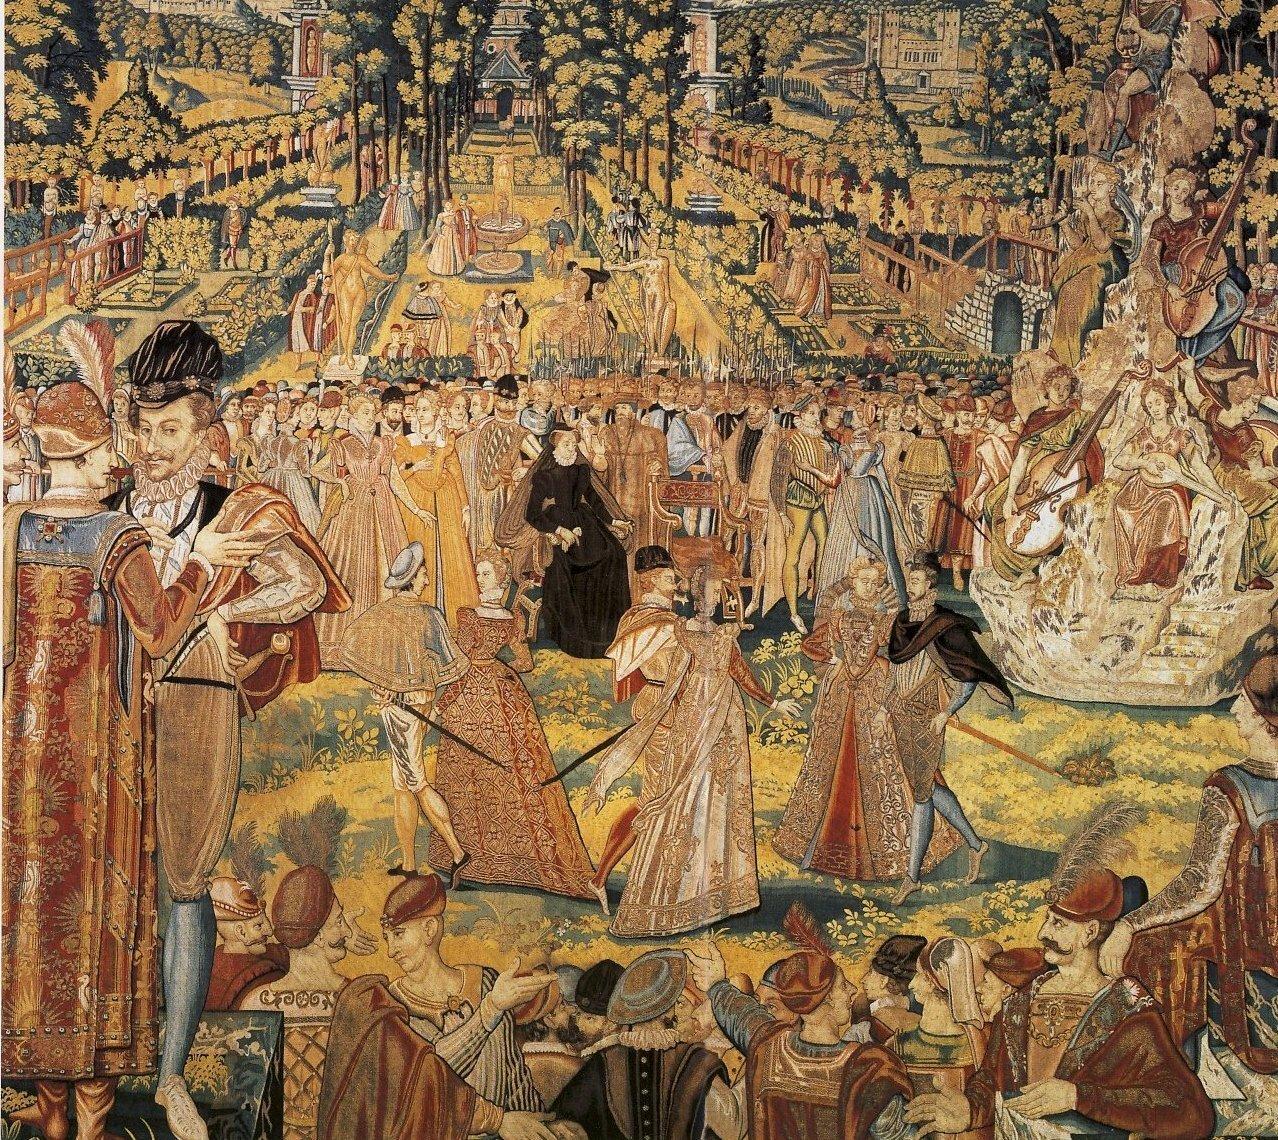 Tapiserie (arrasy) zamówione w1580 r. przez królową wdowę Katarzynę Medycejską do Luwru. Przedstawiają bal wydany wParyżu w1573 roku na cześć poselstwa polskiego, które przybyło po elekcji Henryka Walezego, domena publiczna